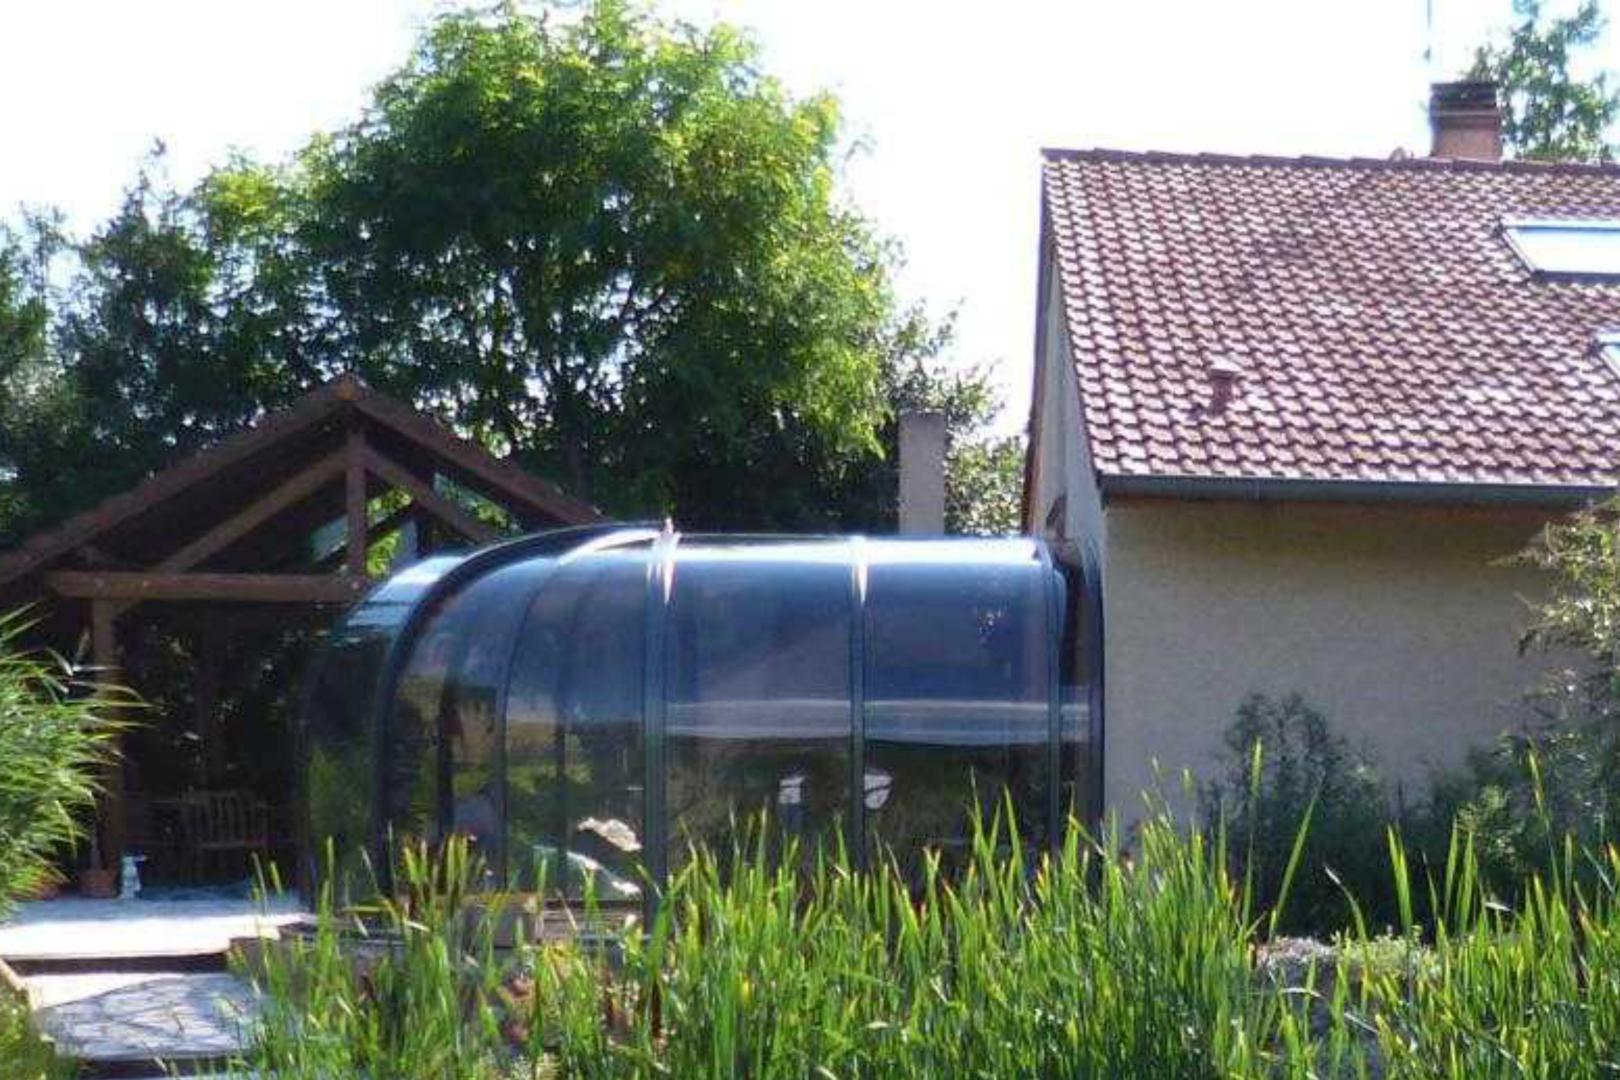 Spa exterieur couvert latest la with spa exterieur for Spa exterieur couvert